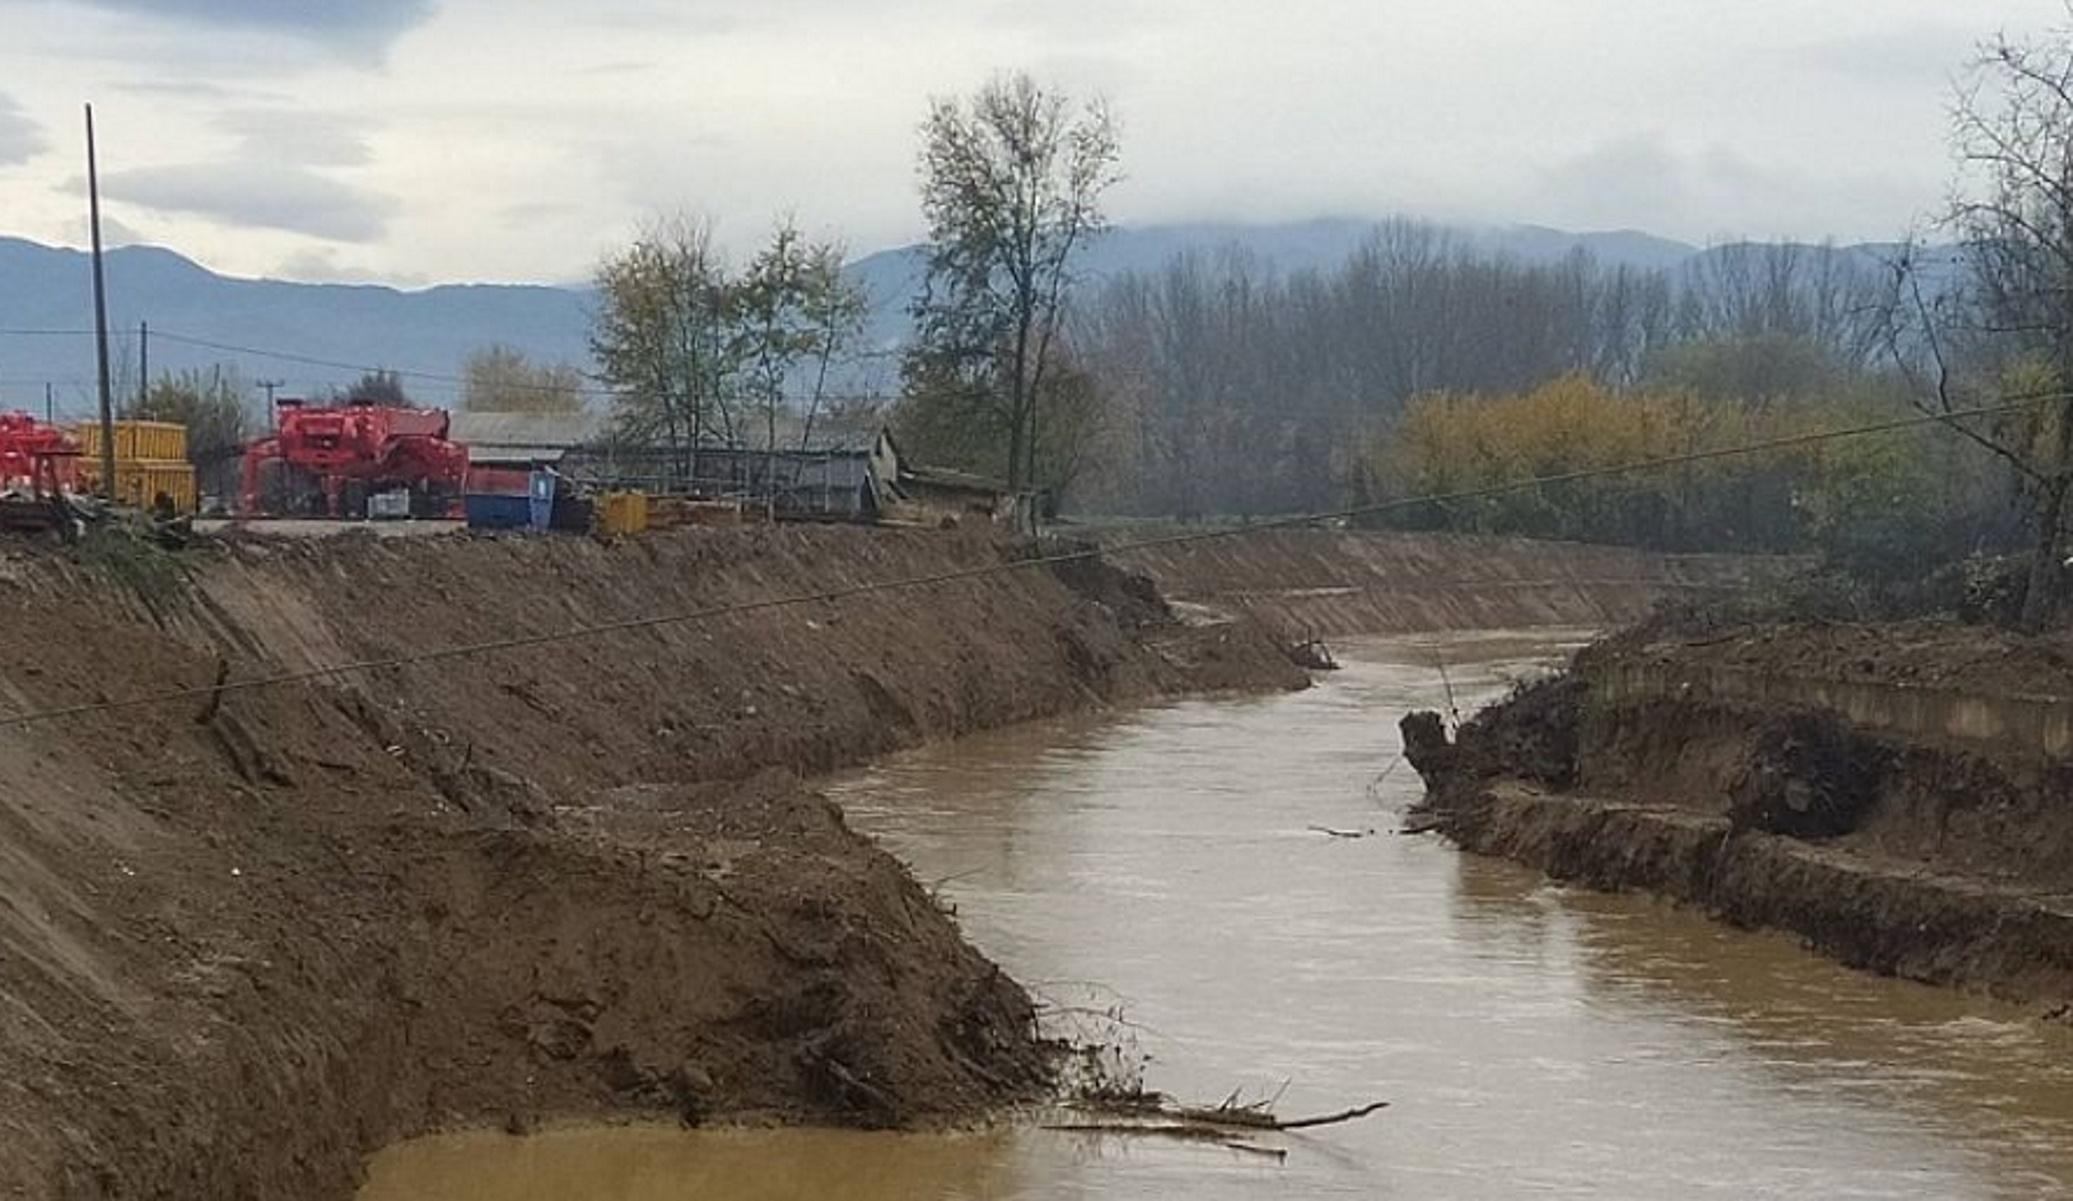 Καιρός: Μετράει «πληγές» από τις σφοδρές βροχοπτώσεις η Καρδίτσα – Κατέρρευσε γέφυρα (pics, video)